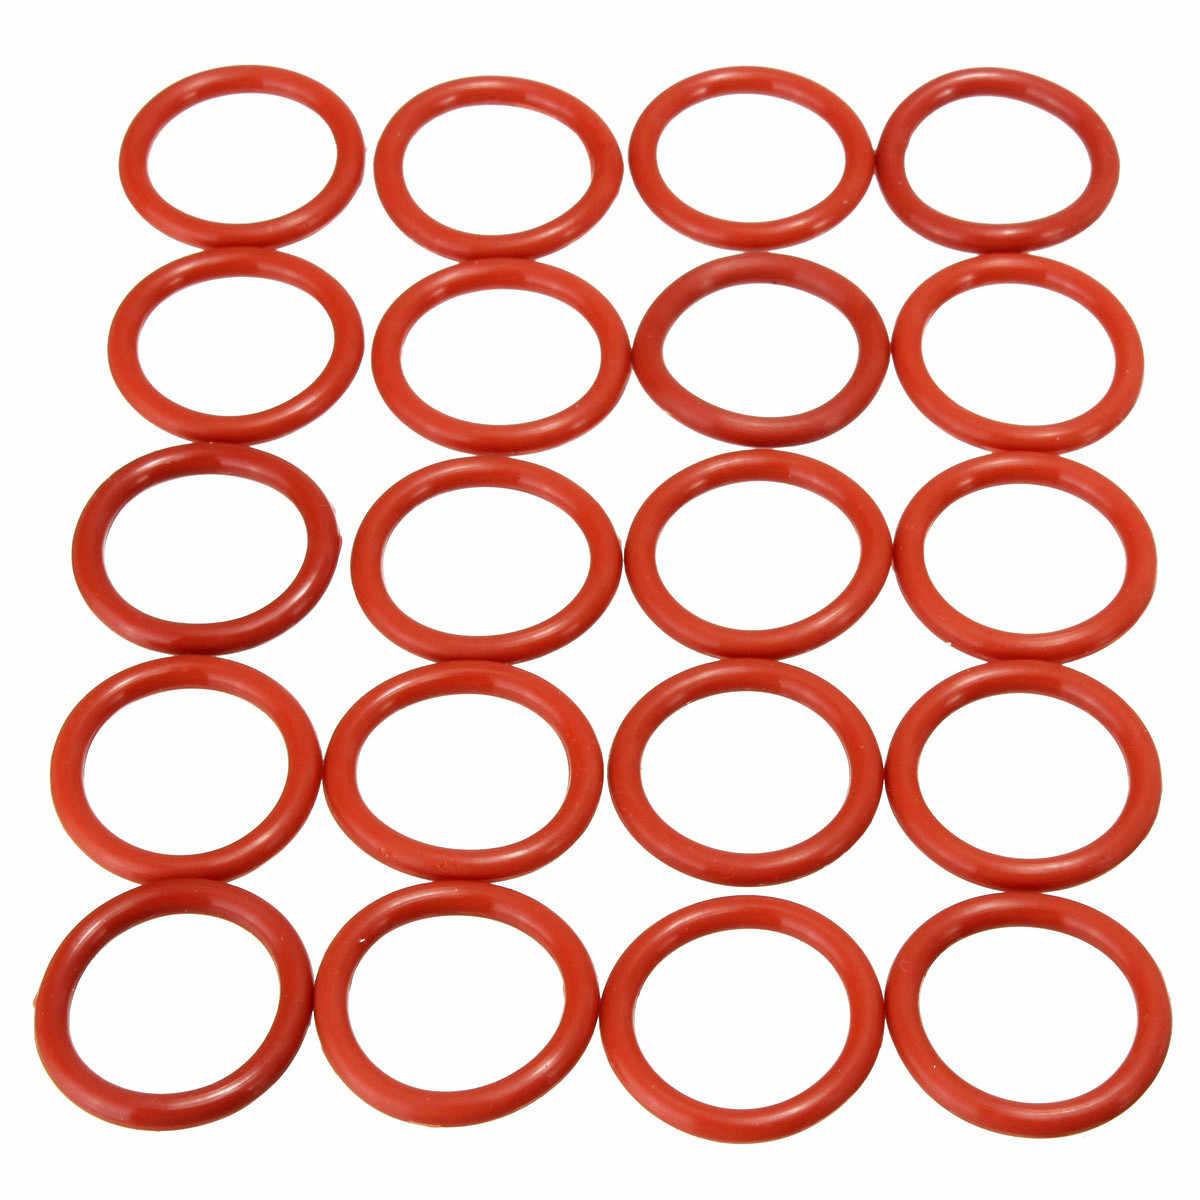 20 قطعة أنبوب المثبط حلقات سيليكون البرتقال سيليكون O-خواتم مناسبة ل 12AX7 12AU7 12AT7 12BH7 EL84